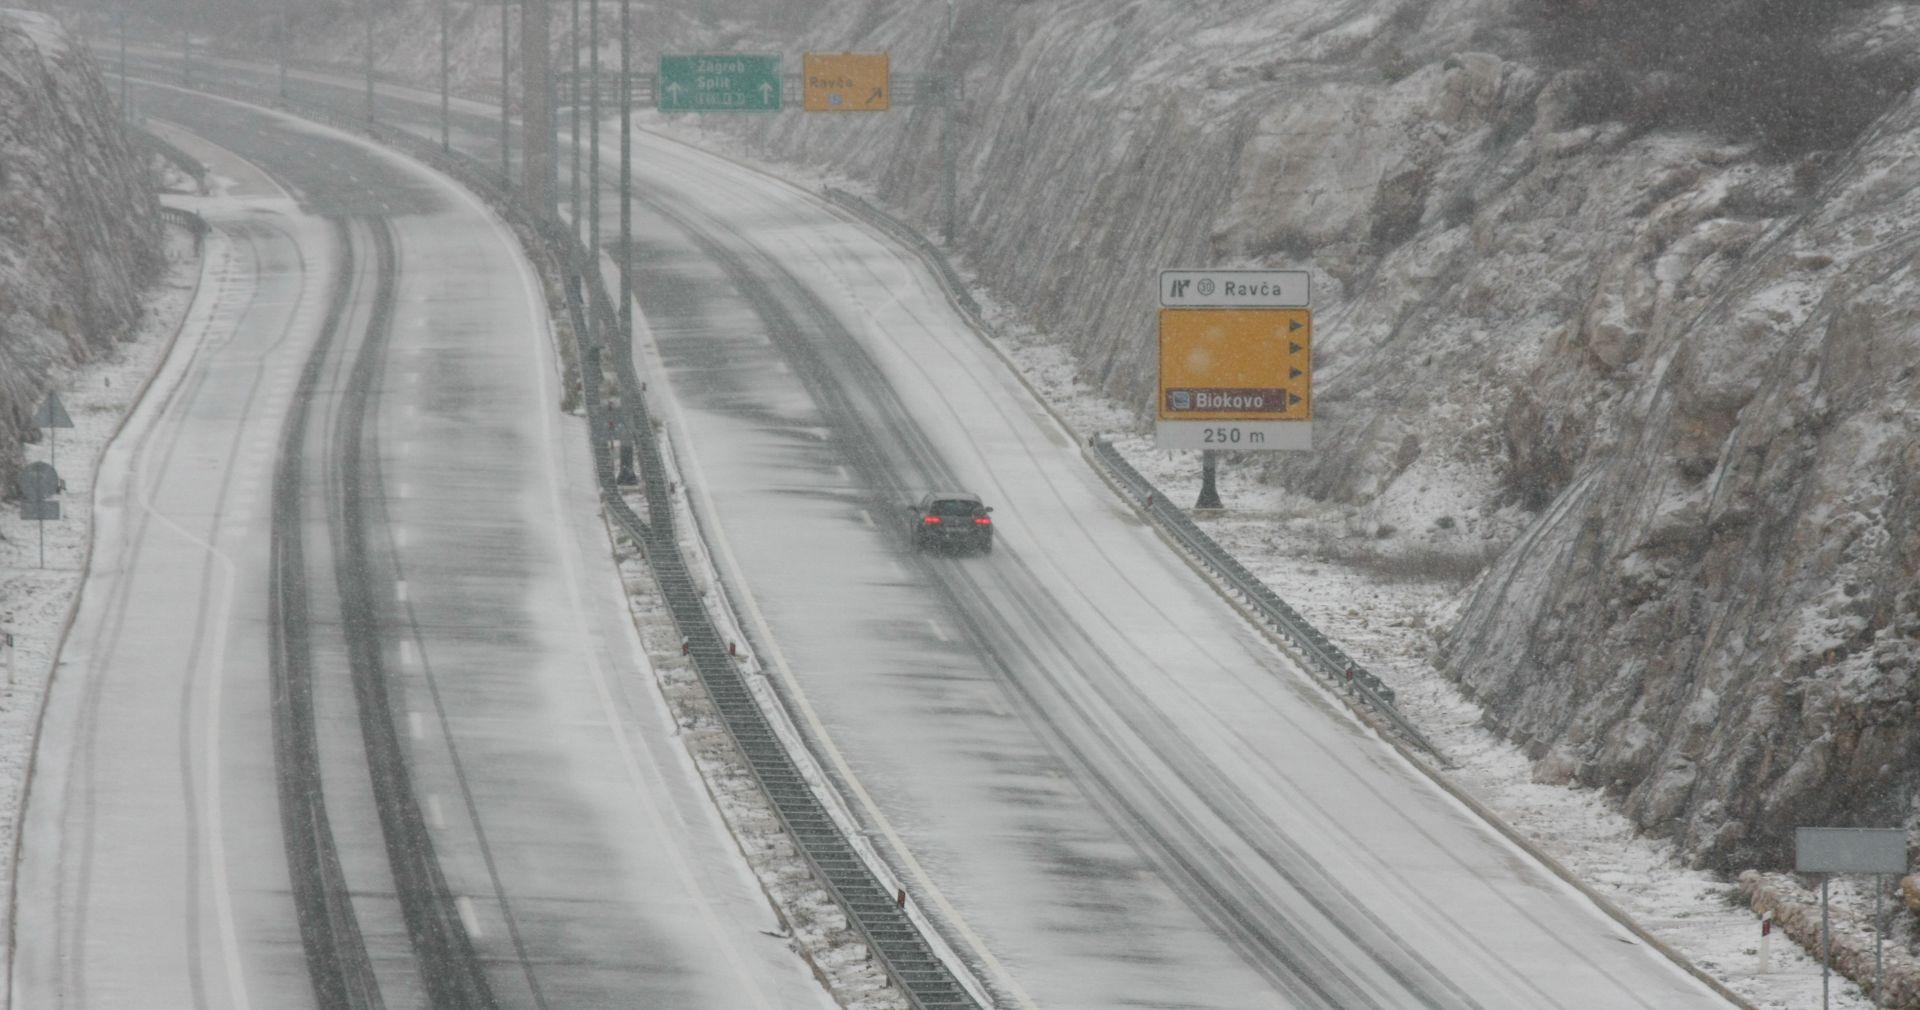 Snijeg otežava vožnju, za kamione nema prohodnih cesta